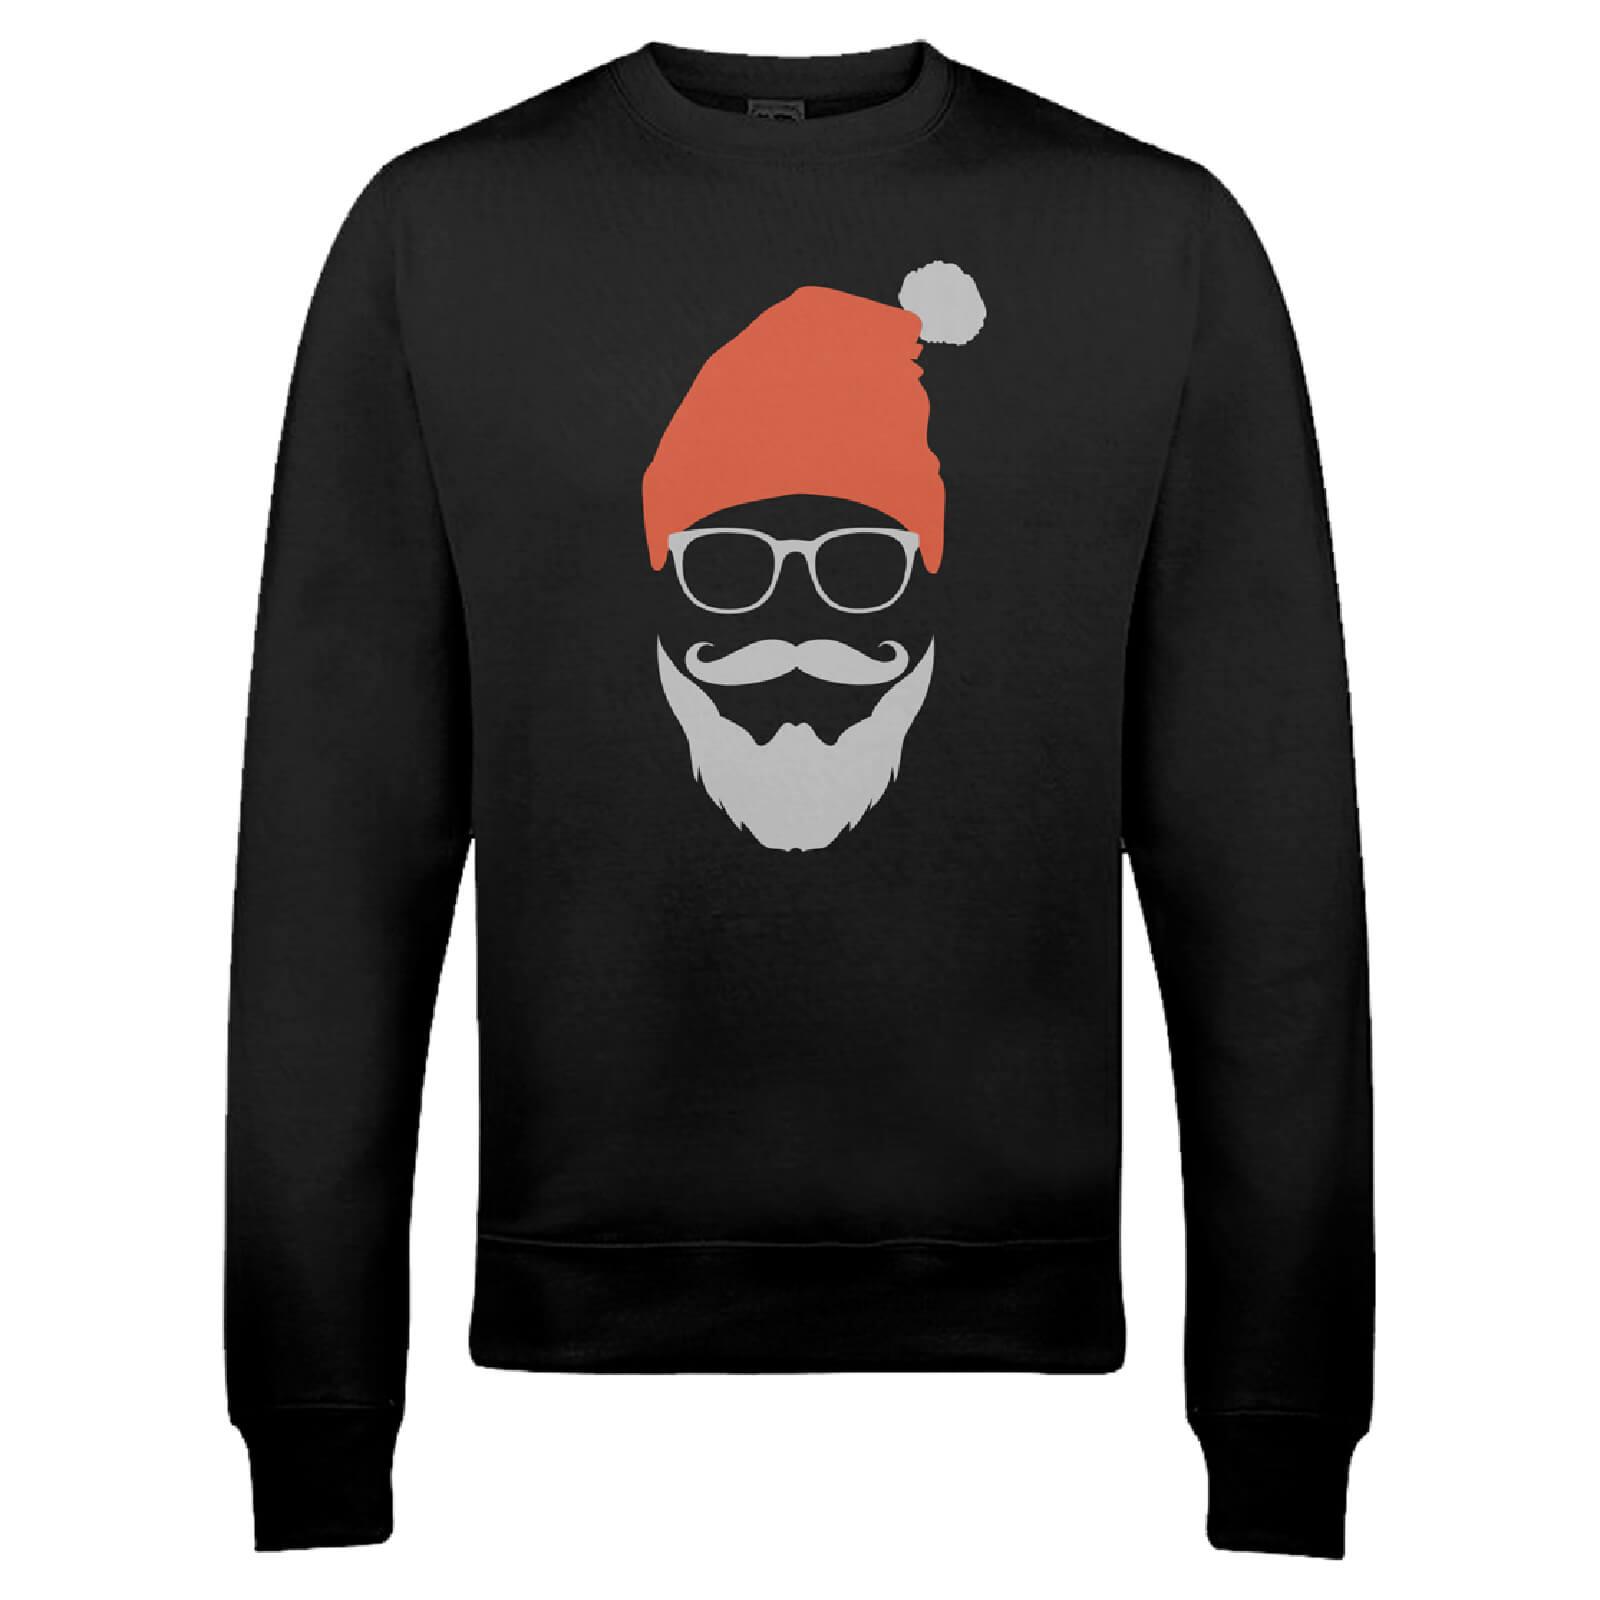 Über 180 Weihnachtspullis für je 17,99€ inkl. Versand bei Zavvi - zB Straight Outta Lapland oder Cool Santa